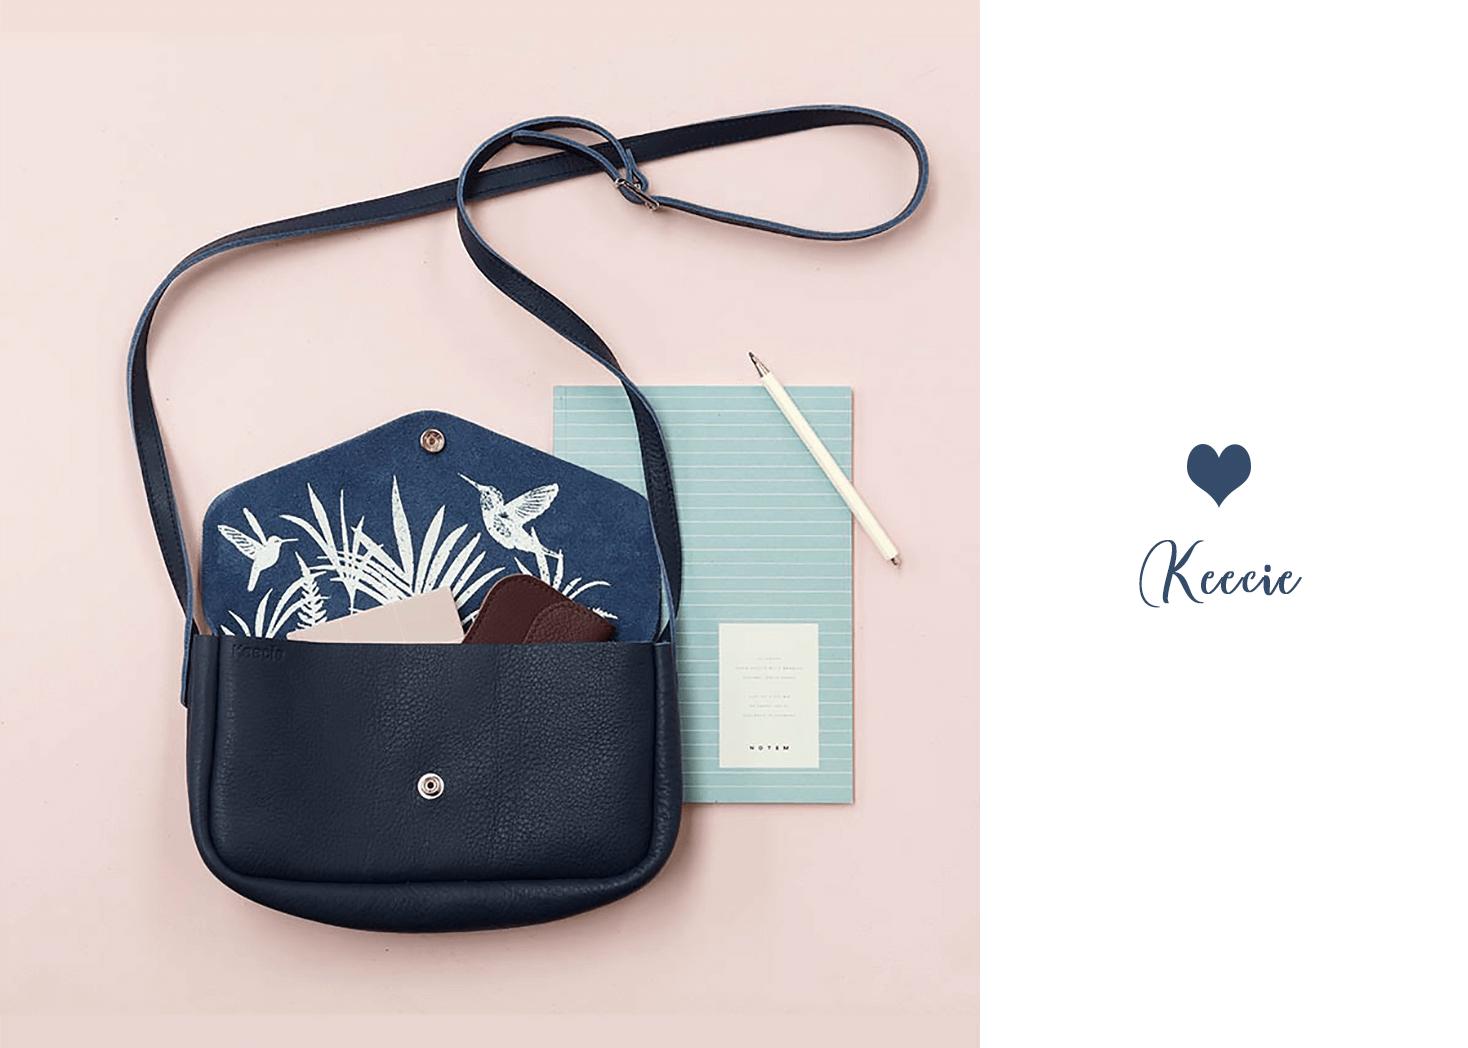 sac à main de créateur Keecie, bleu, chez Poisson Plume